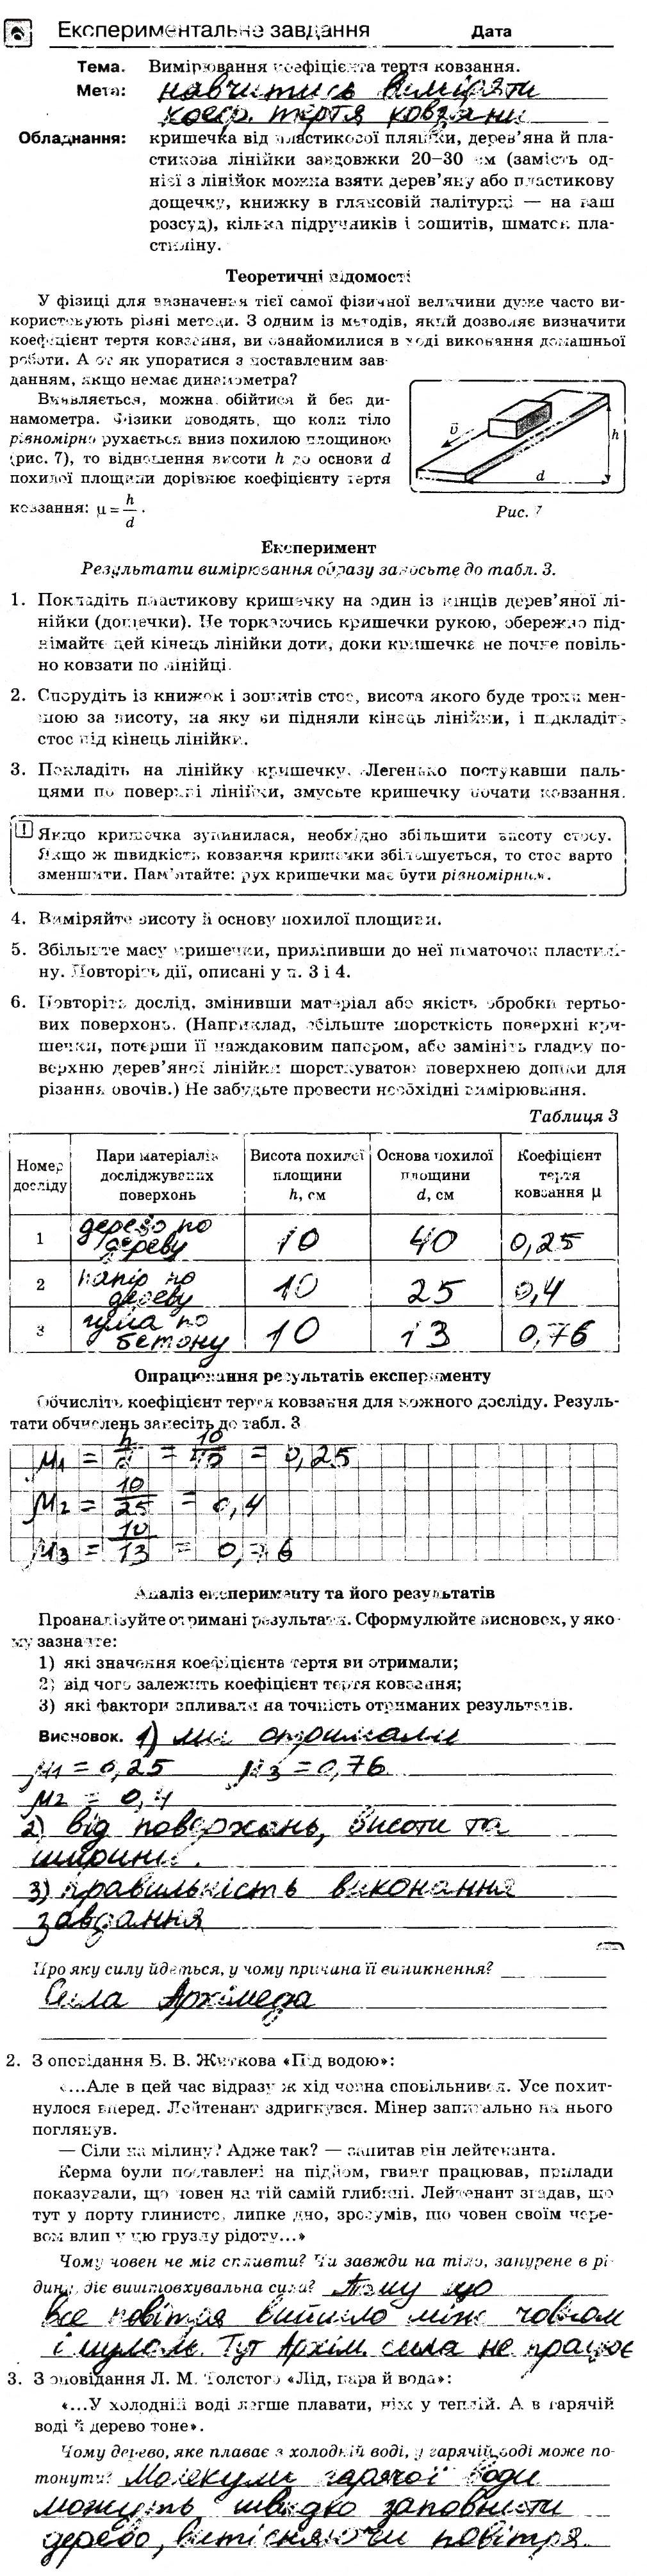 Завдання № 1 - Сторінка 47 - ГДЗ Фізика 7 клас Ф.Я. Божинова, О.О. Кірюхіна 2015 - Зошит для лабораторних робіт